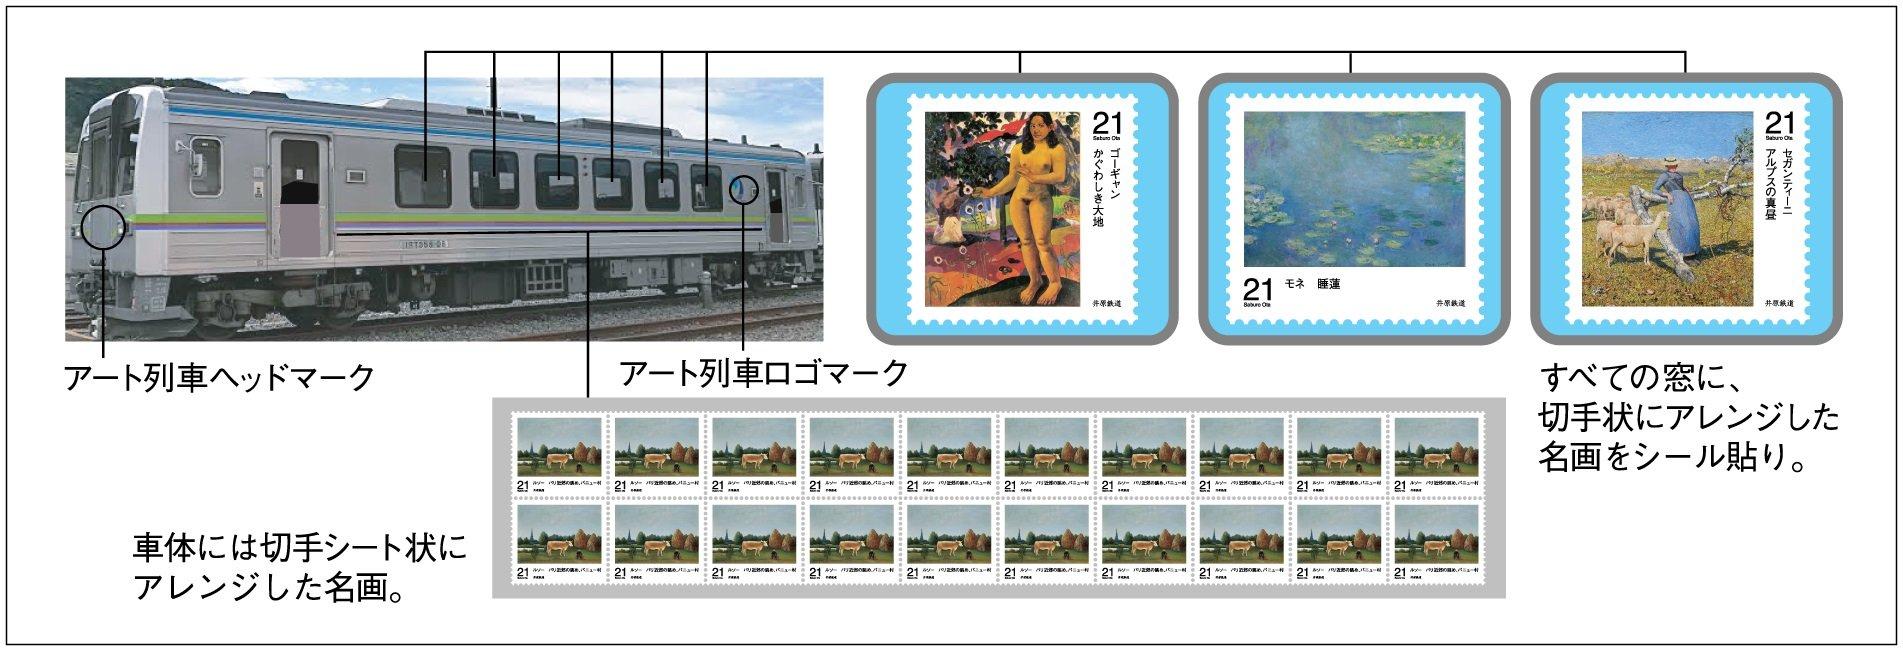 """【井原鉄道】""""名画を乗せた""""アート列車が走る!? クラウドファンディング受付中!"""